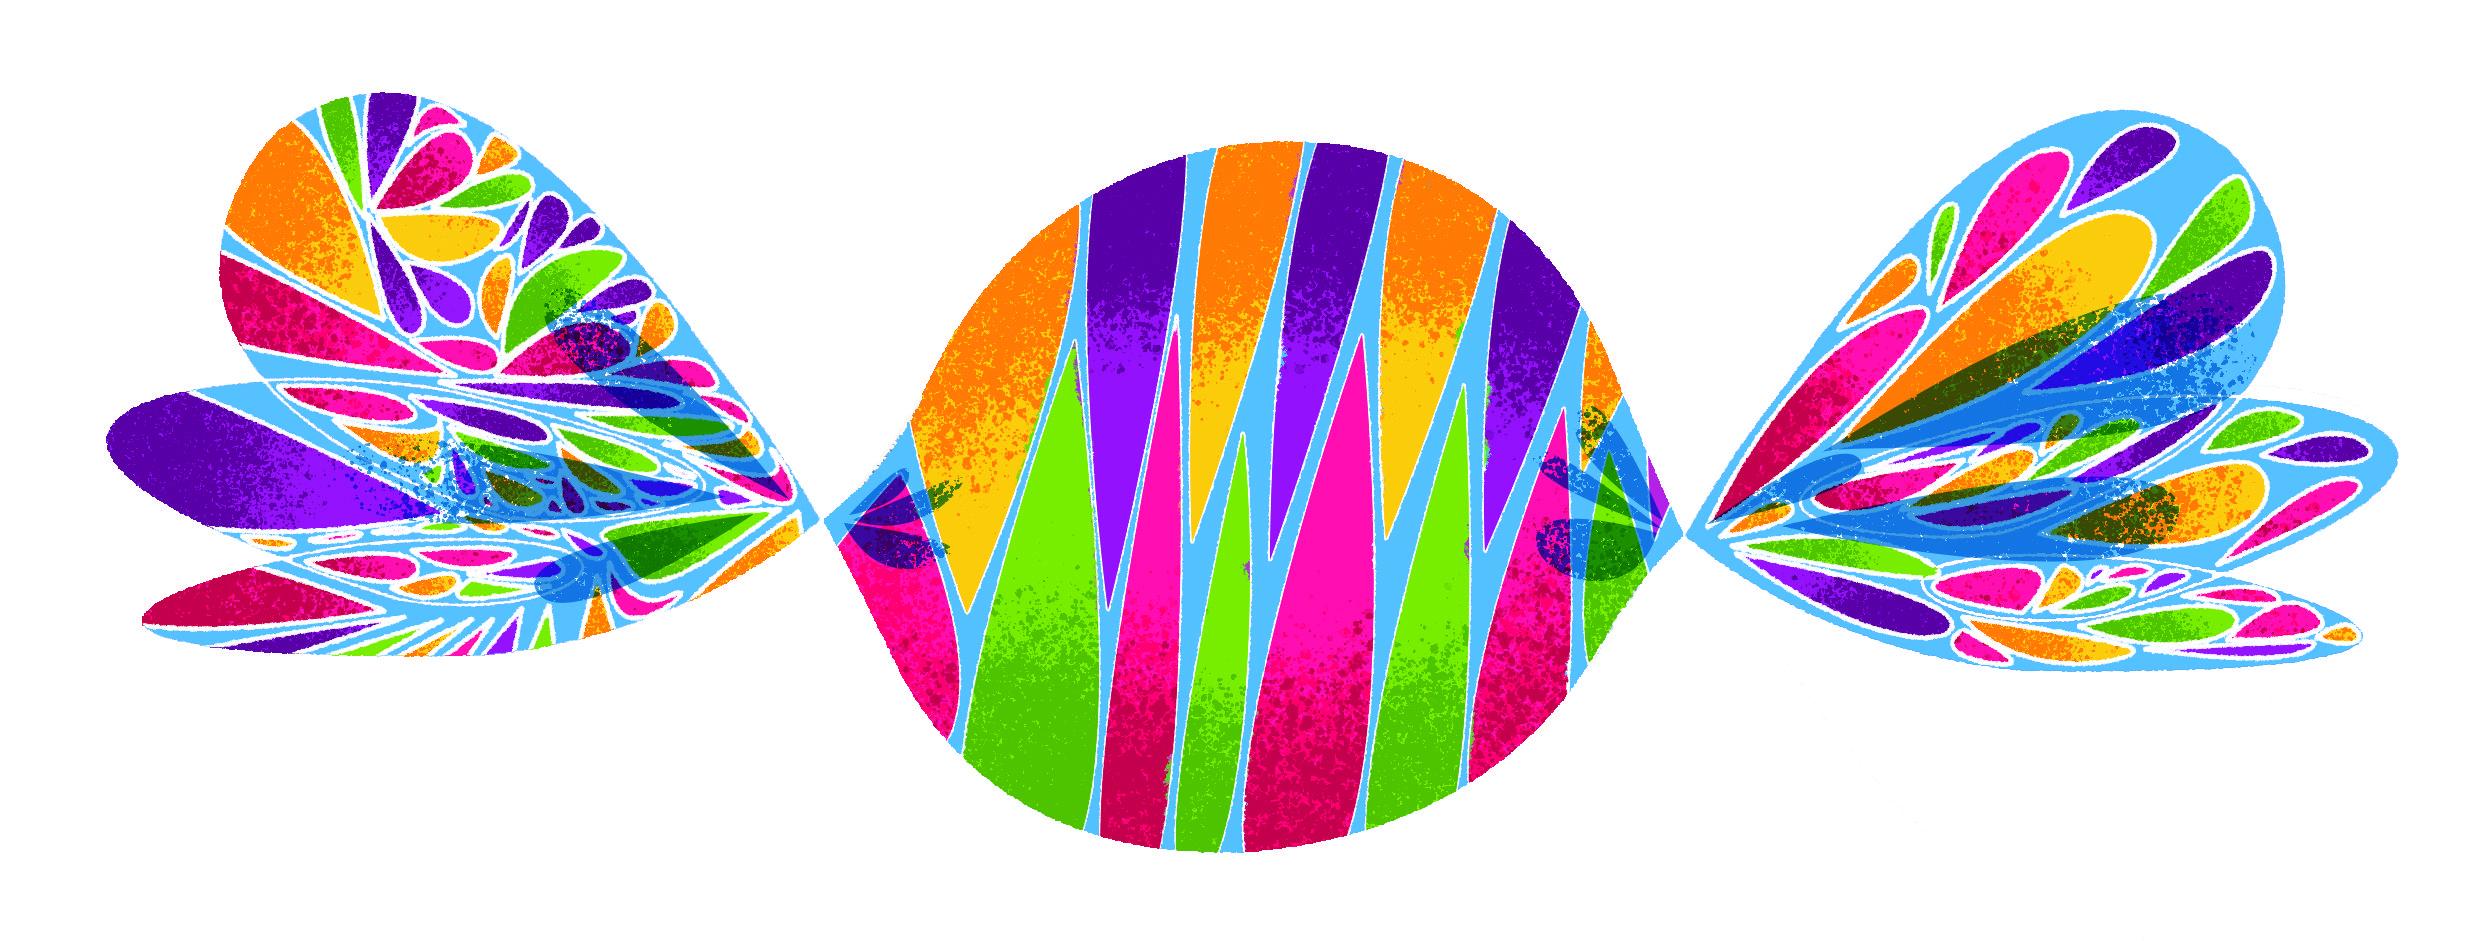 Una caramella di mille colori, come di mille colori & sapori saranno le fiabe che leggerete! :) Per saperne di più... http://vanessanavicelli.com/fiabe-bonbon/ #FiabeBonbon #fiabe #libri #autori #bambini #MinaEIlGuardalacrime